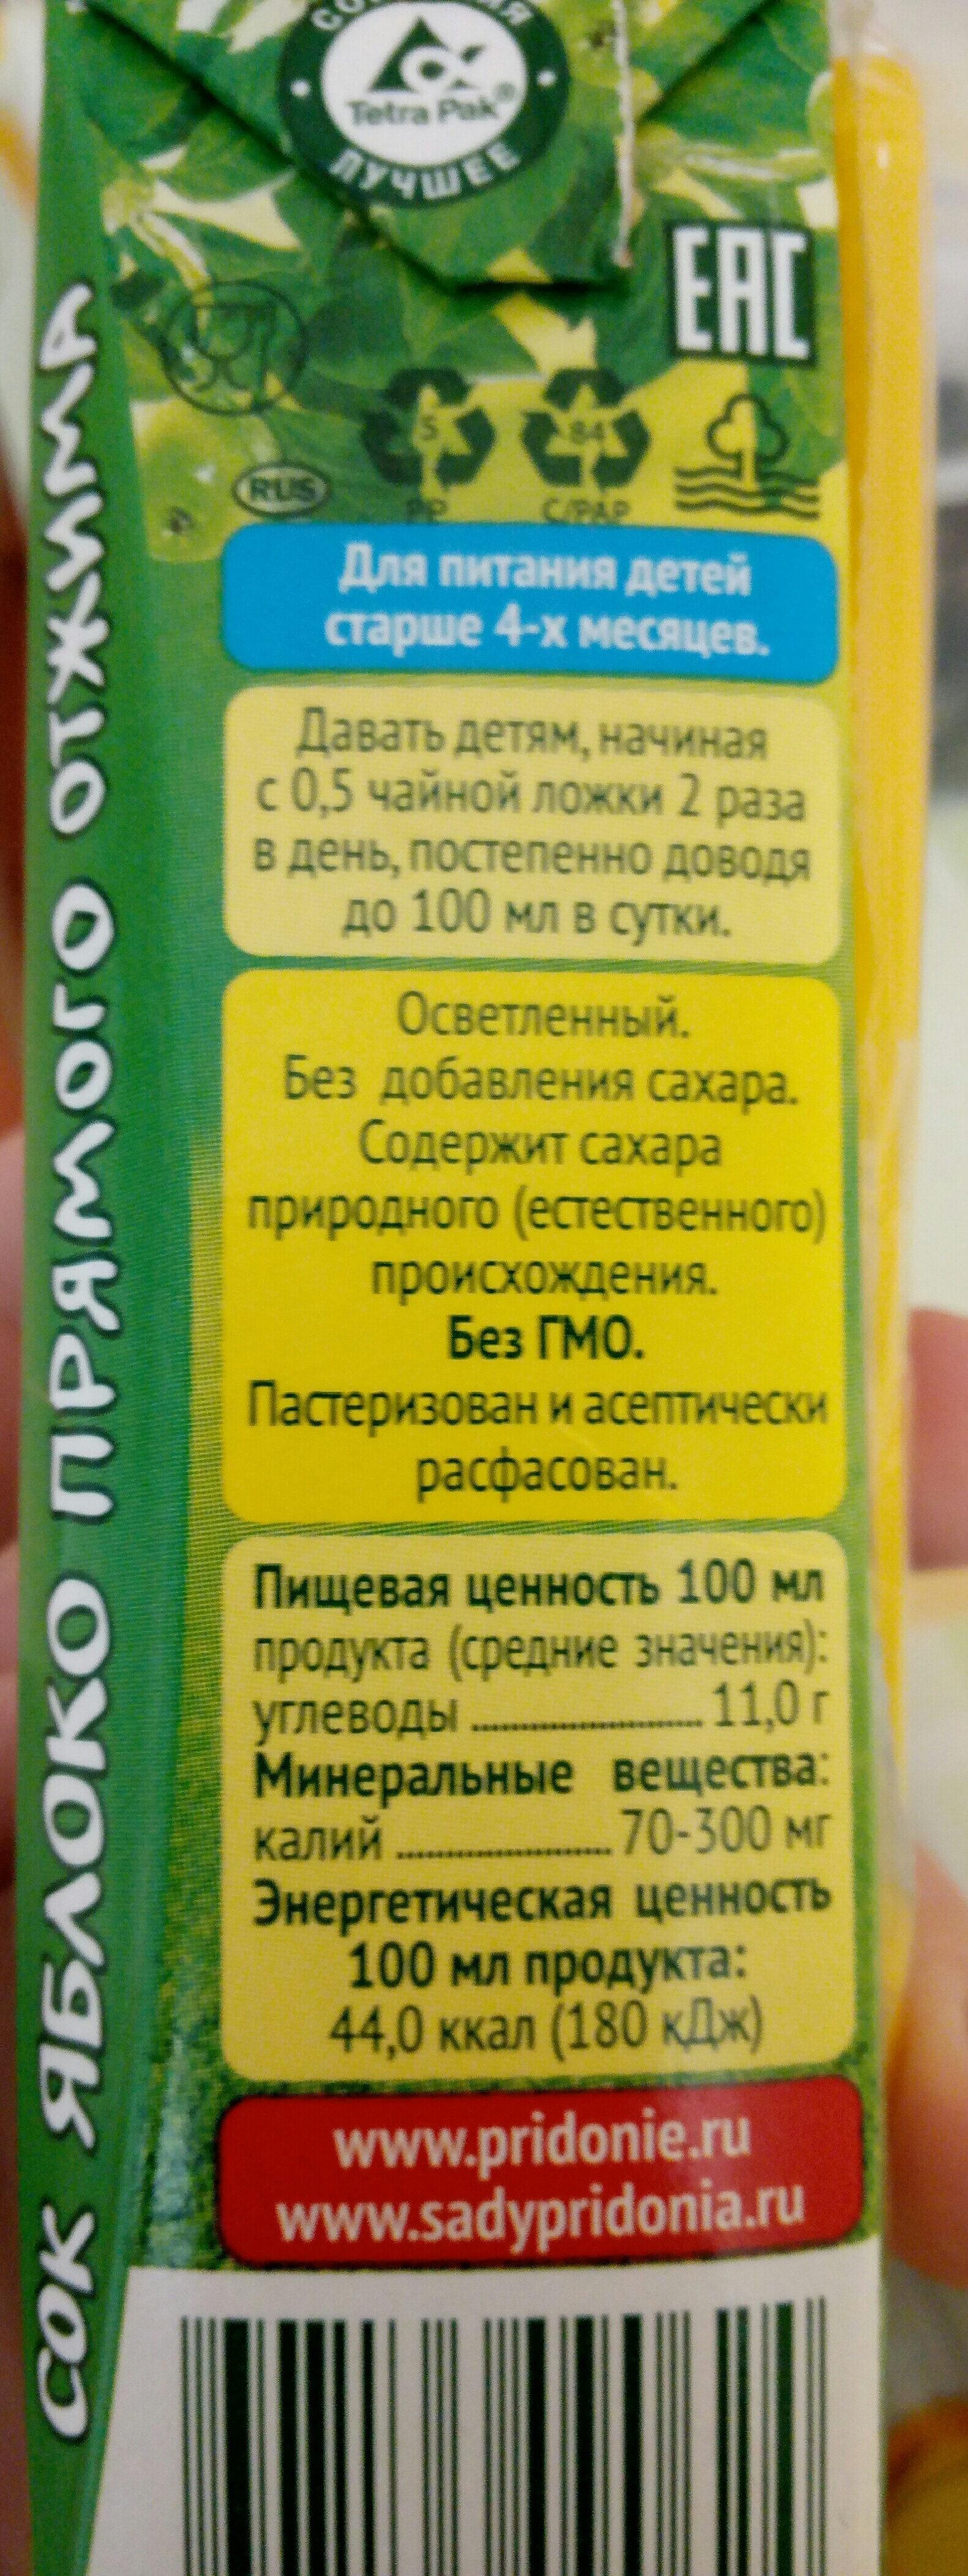 Сок яблочный прямого отжима - Ingredients - ru